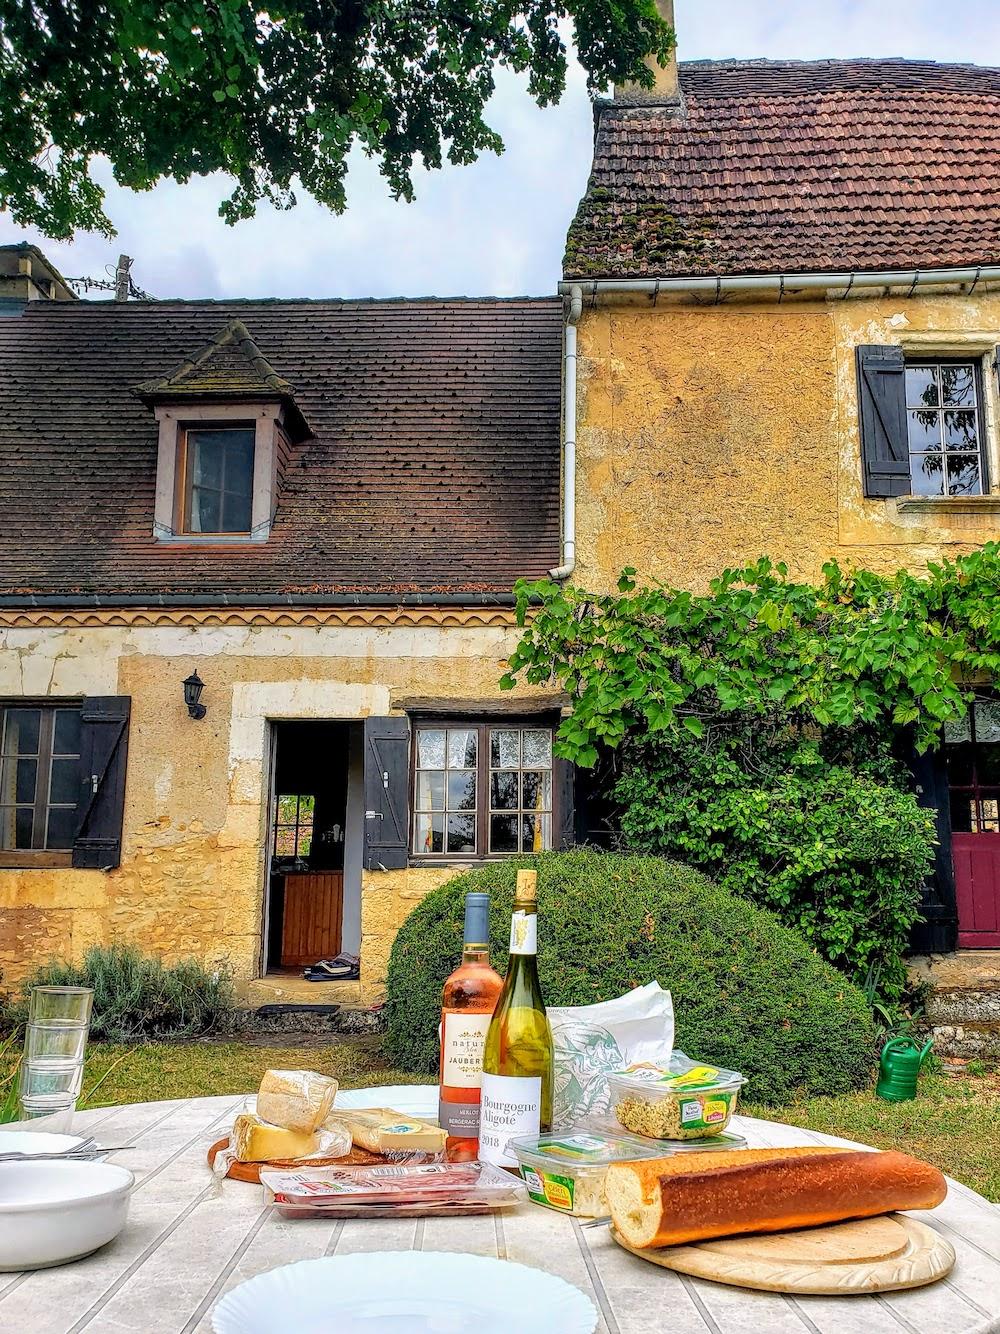 Lunch at La Vielle Maison